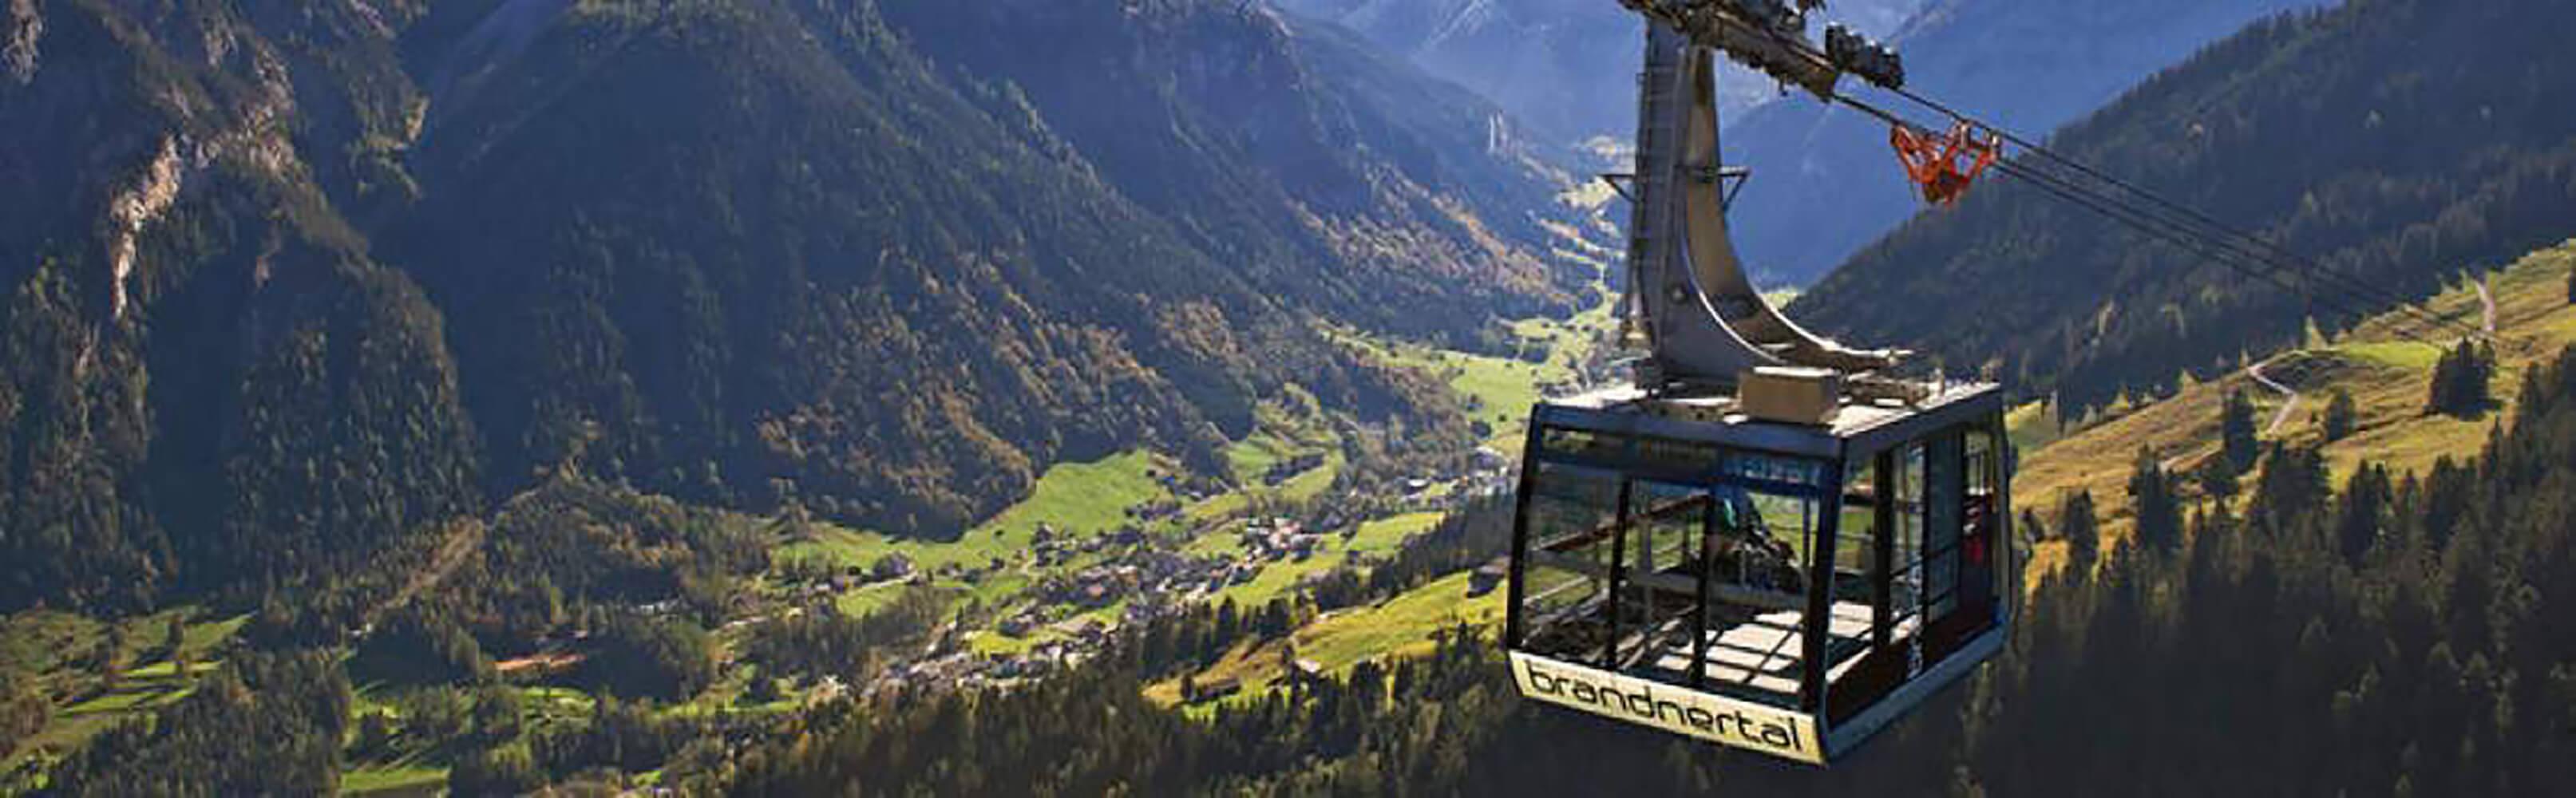 Bergbahnen Brandnertal - bequem die Gipfel stürmen 1